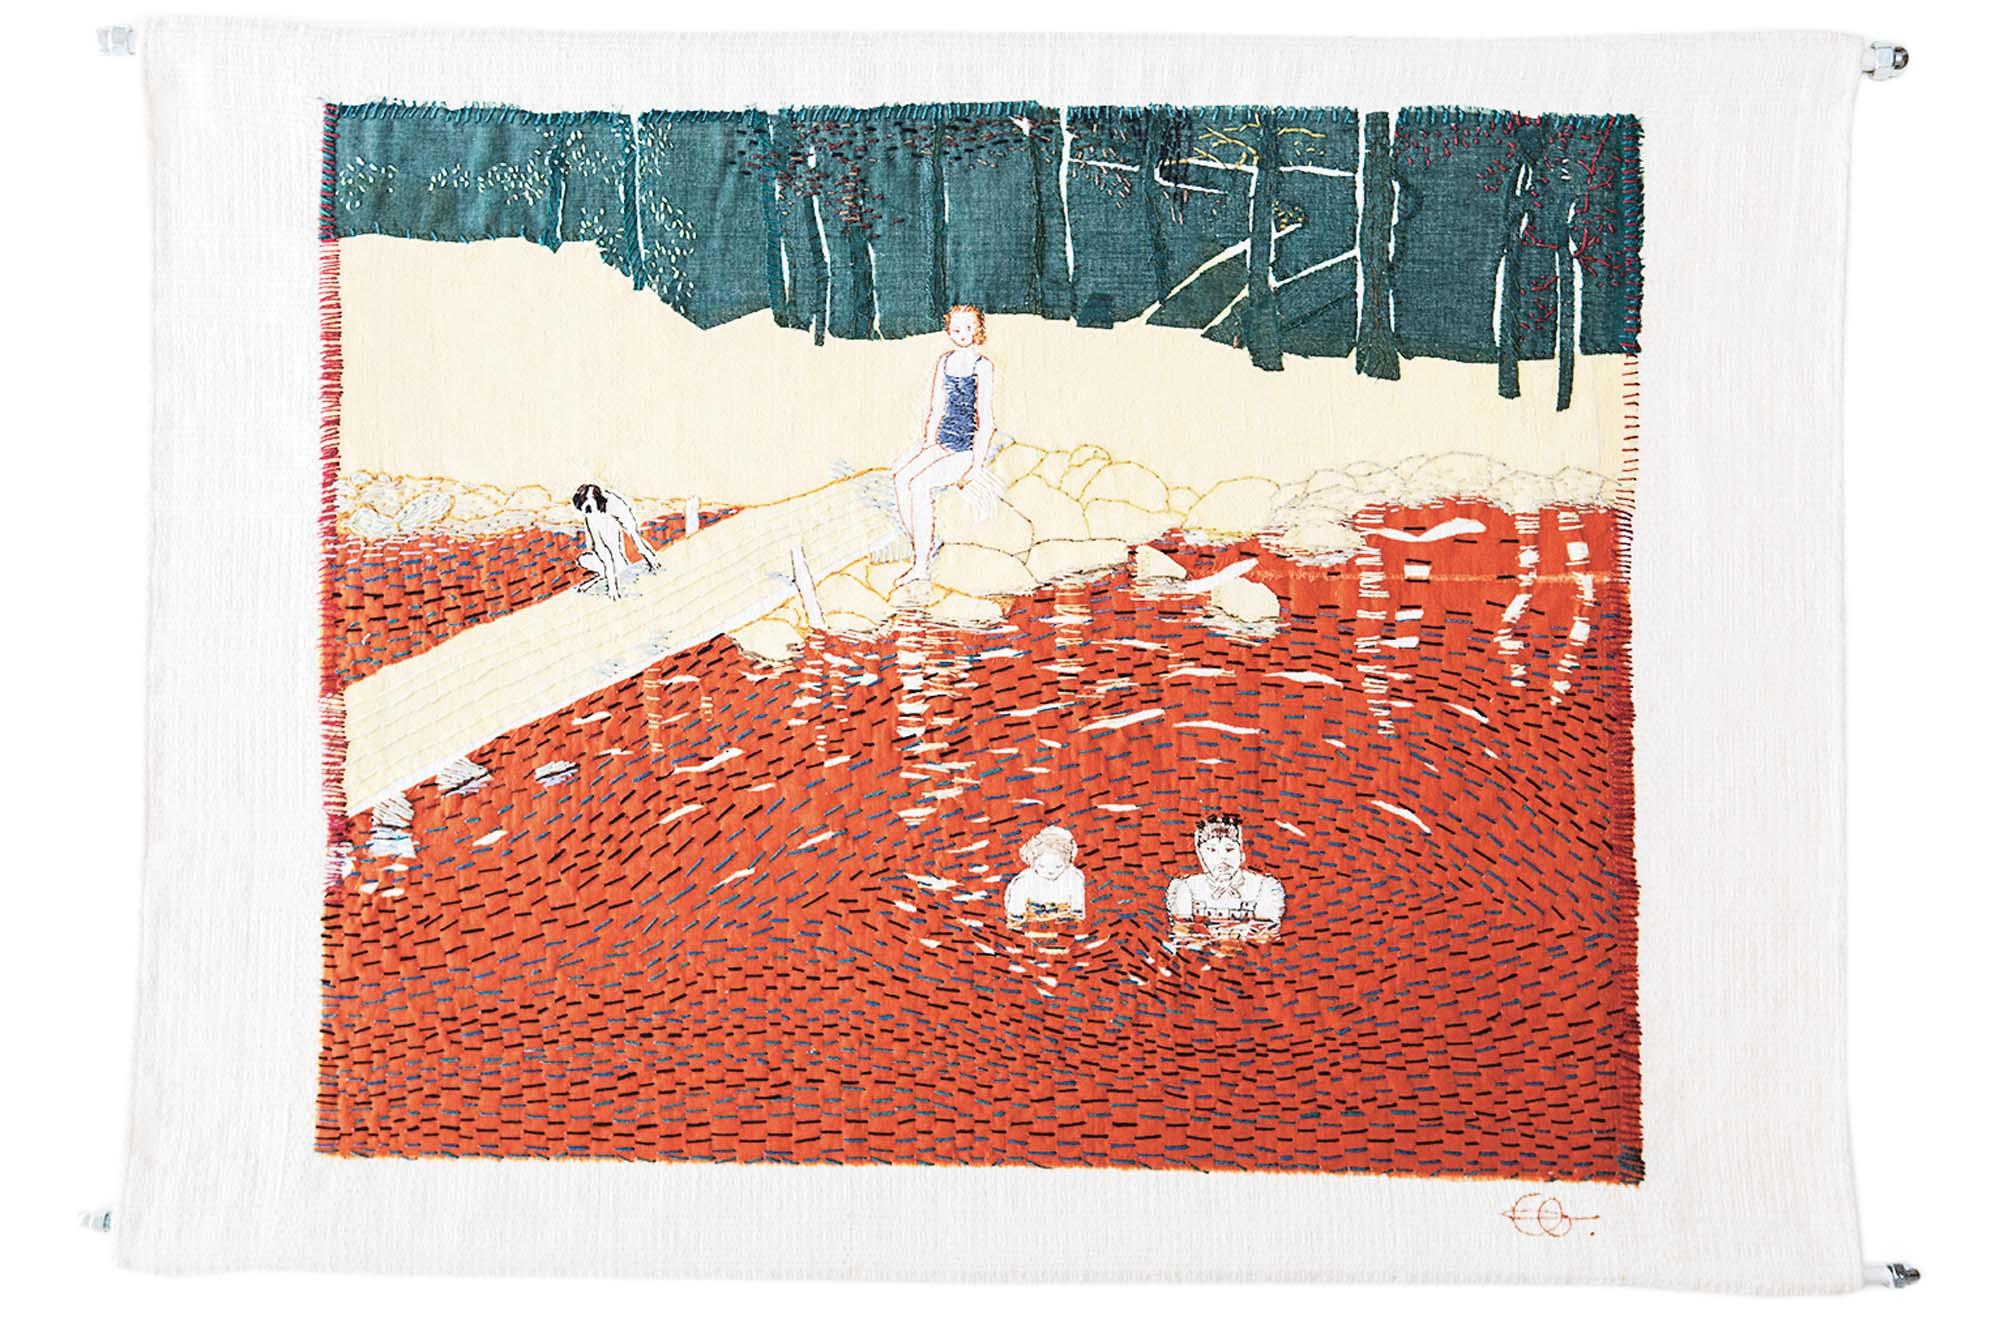 Ett broderi som föreställer barn som badar i en sjö.